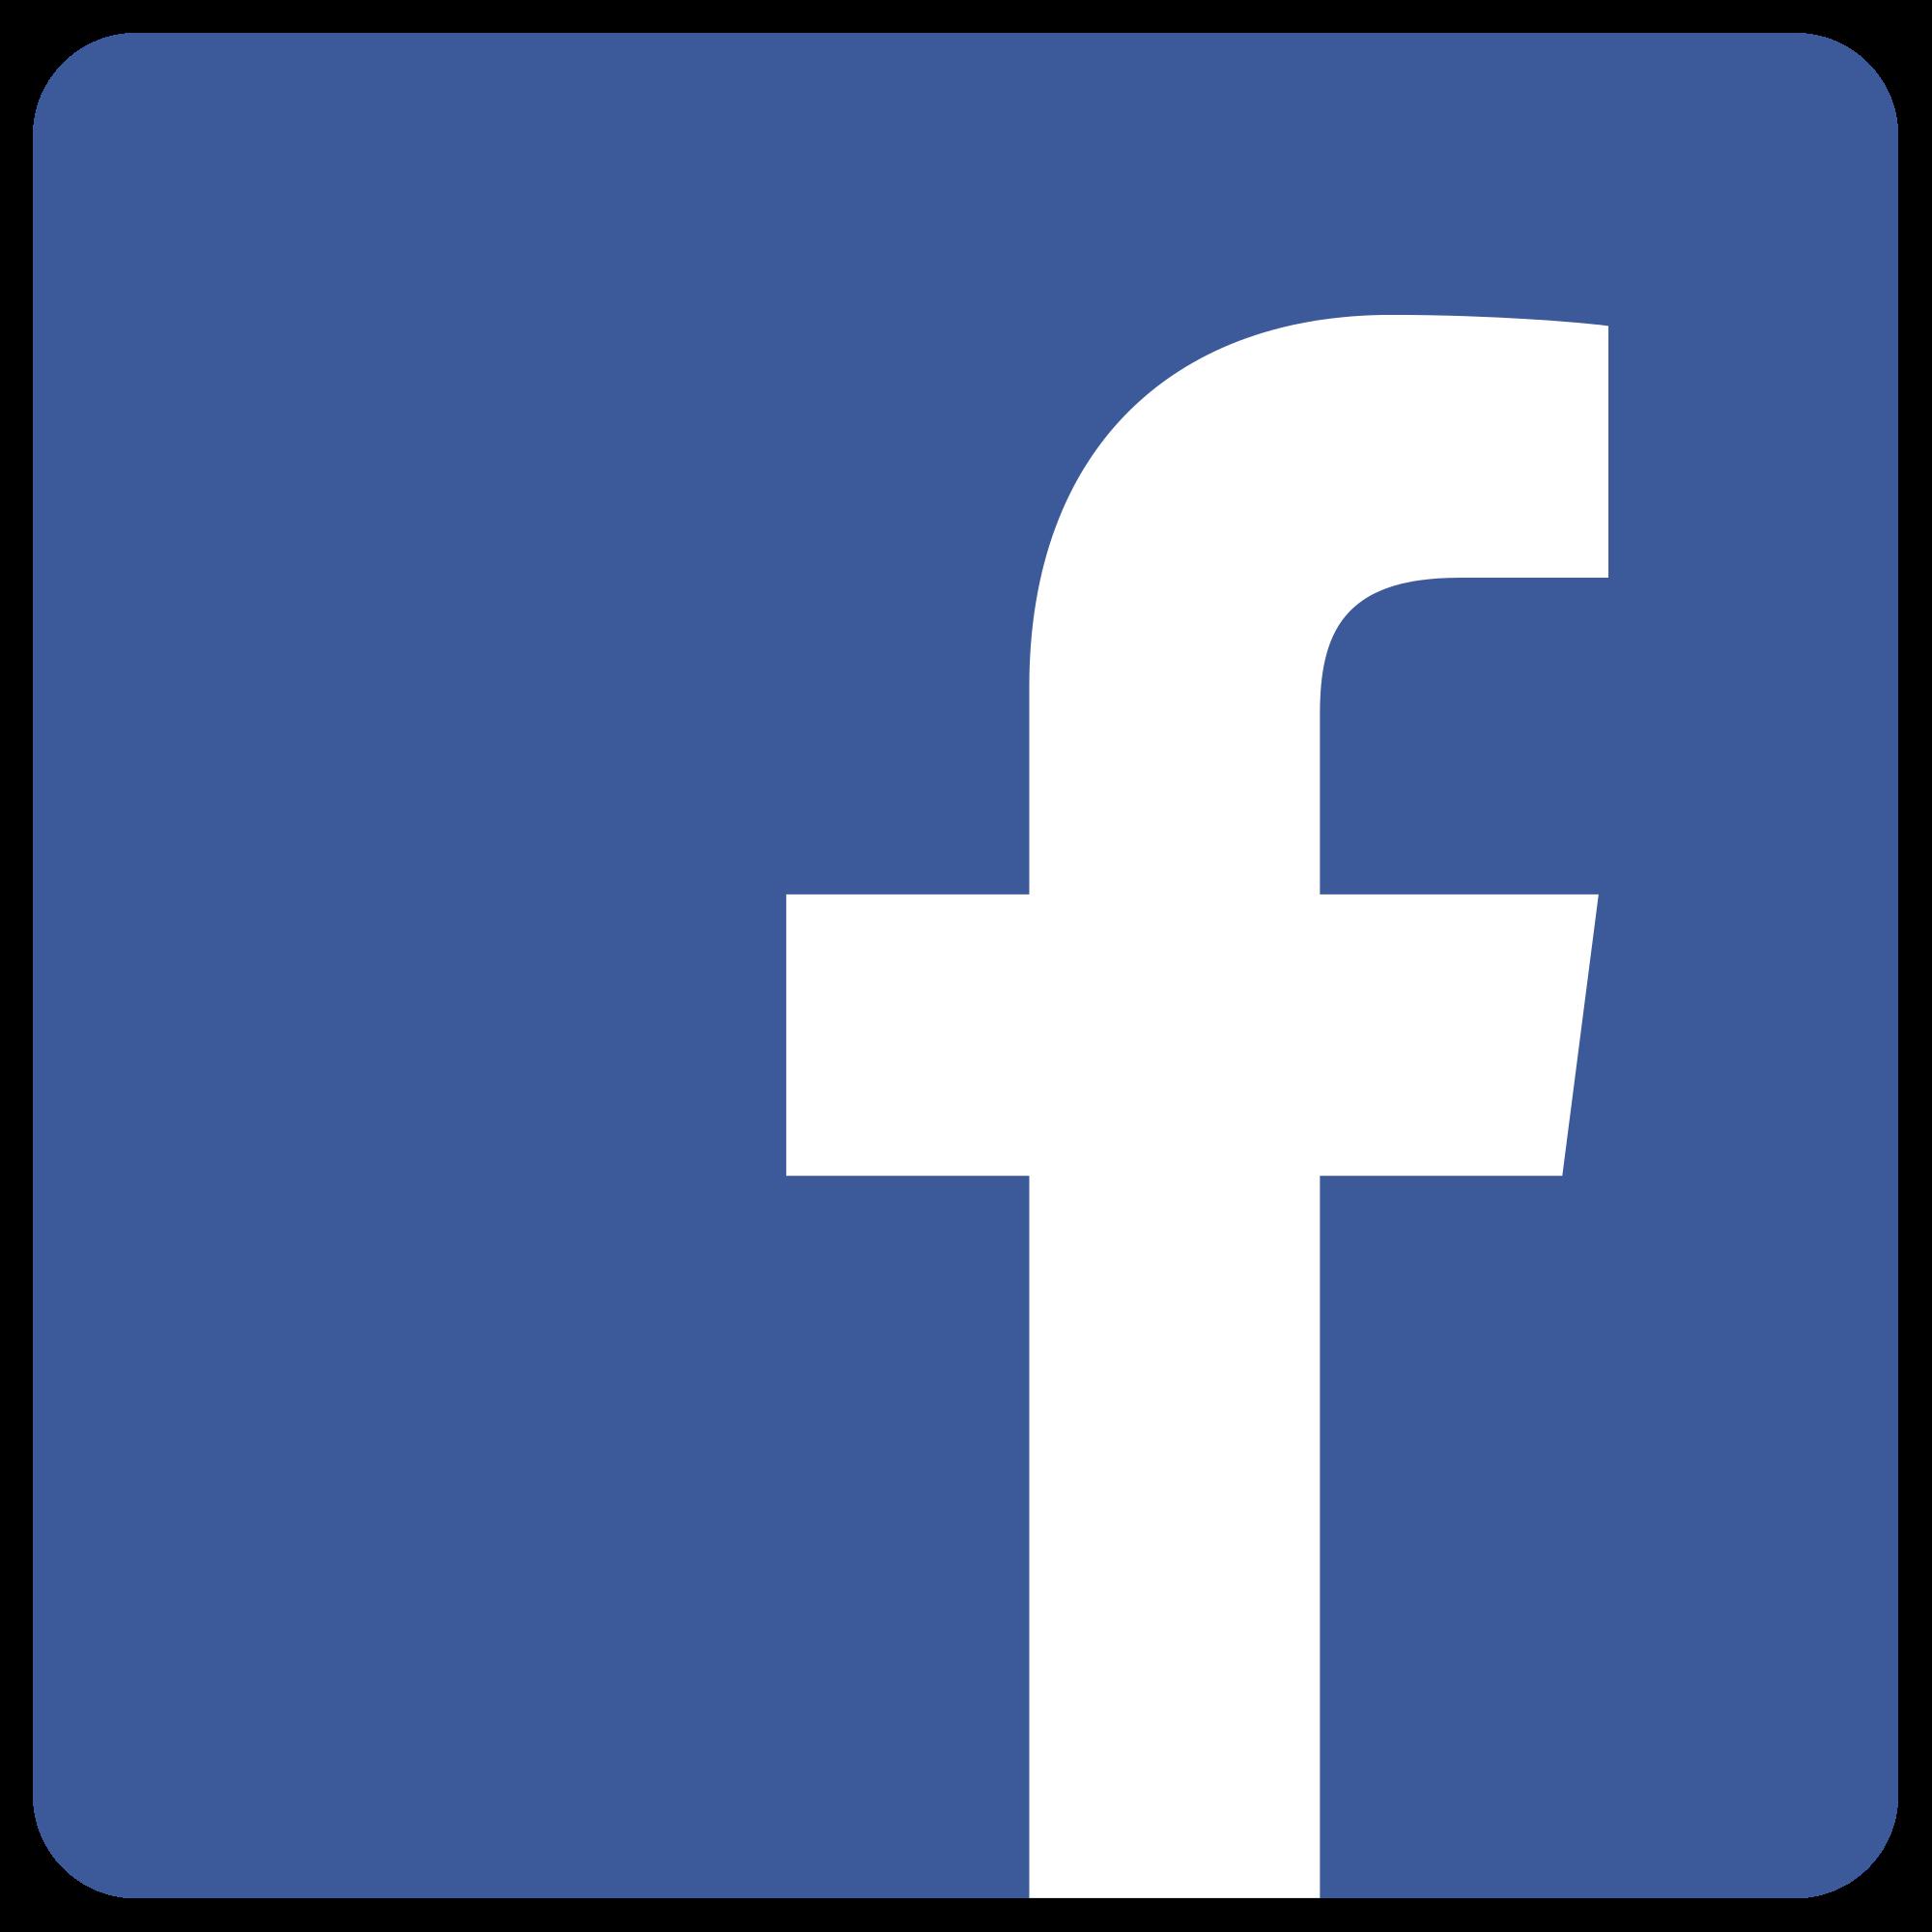 facebook_logos_PNG19748